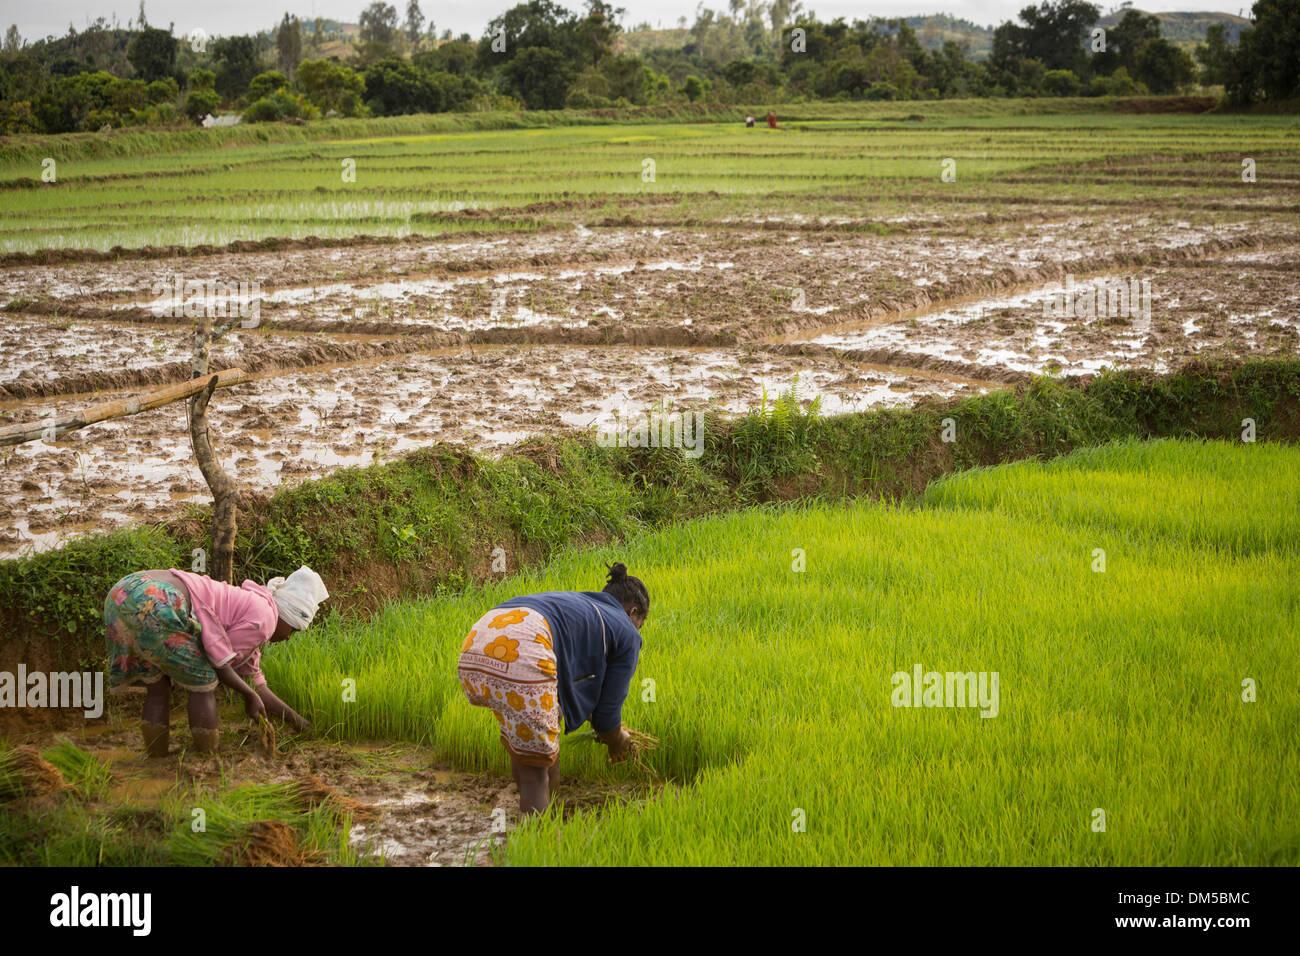 Los agricultores de arroz de trasplante tallos en Vatomandry distrito rural, Madagascar. Foto de stock